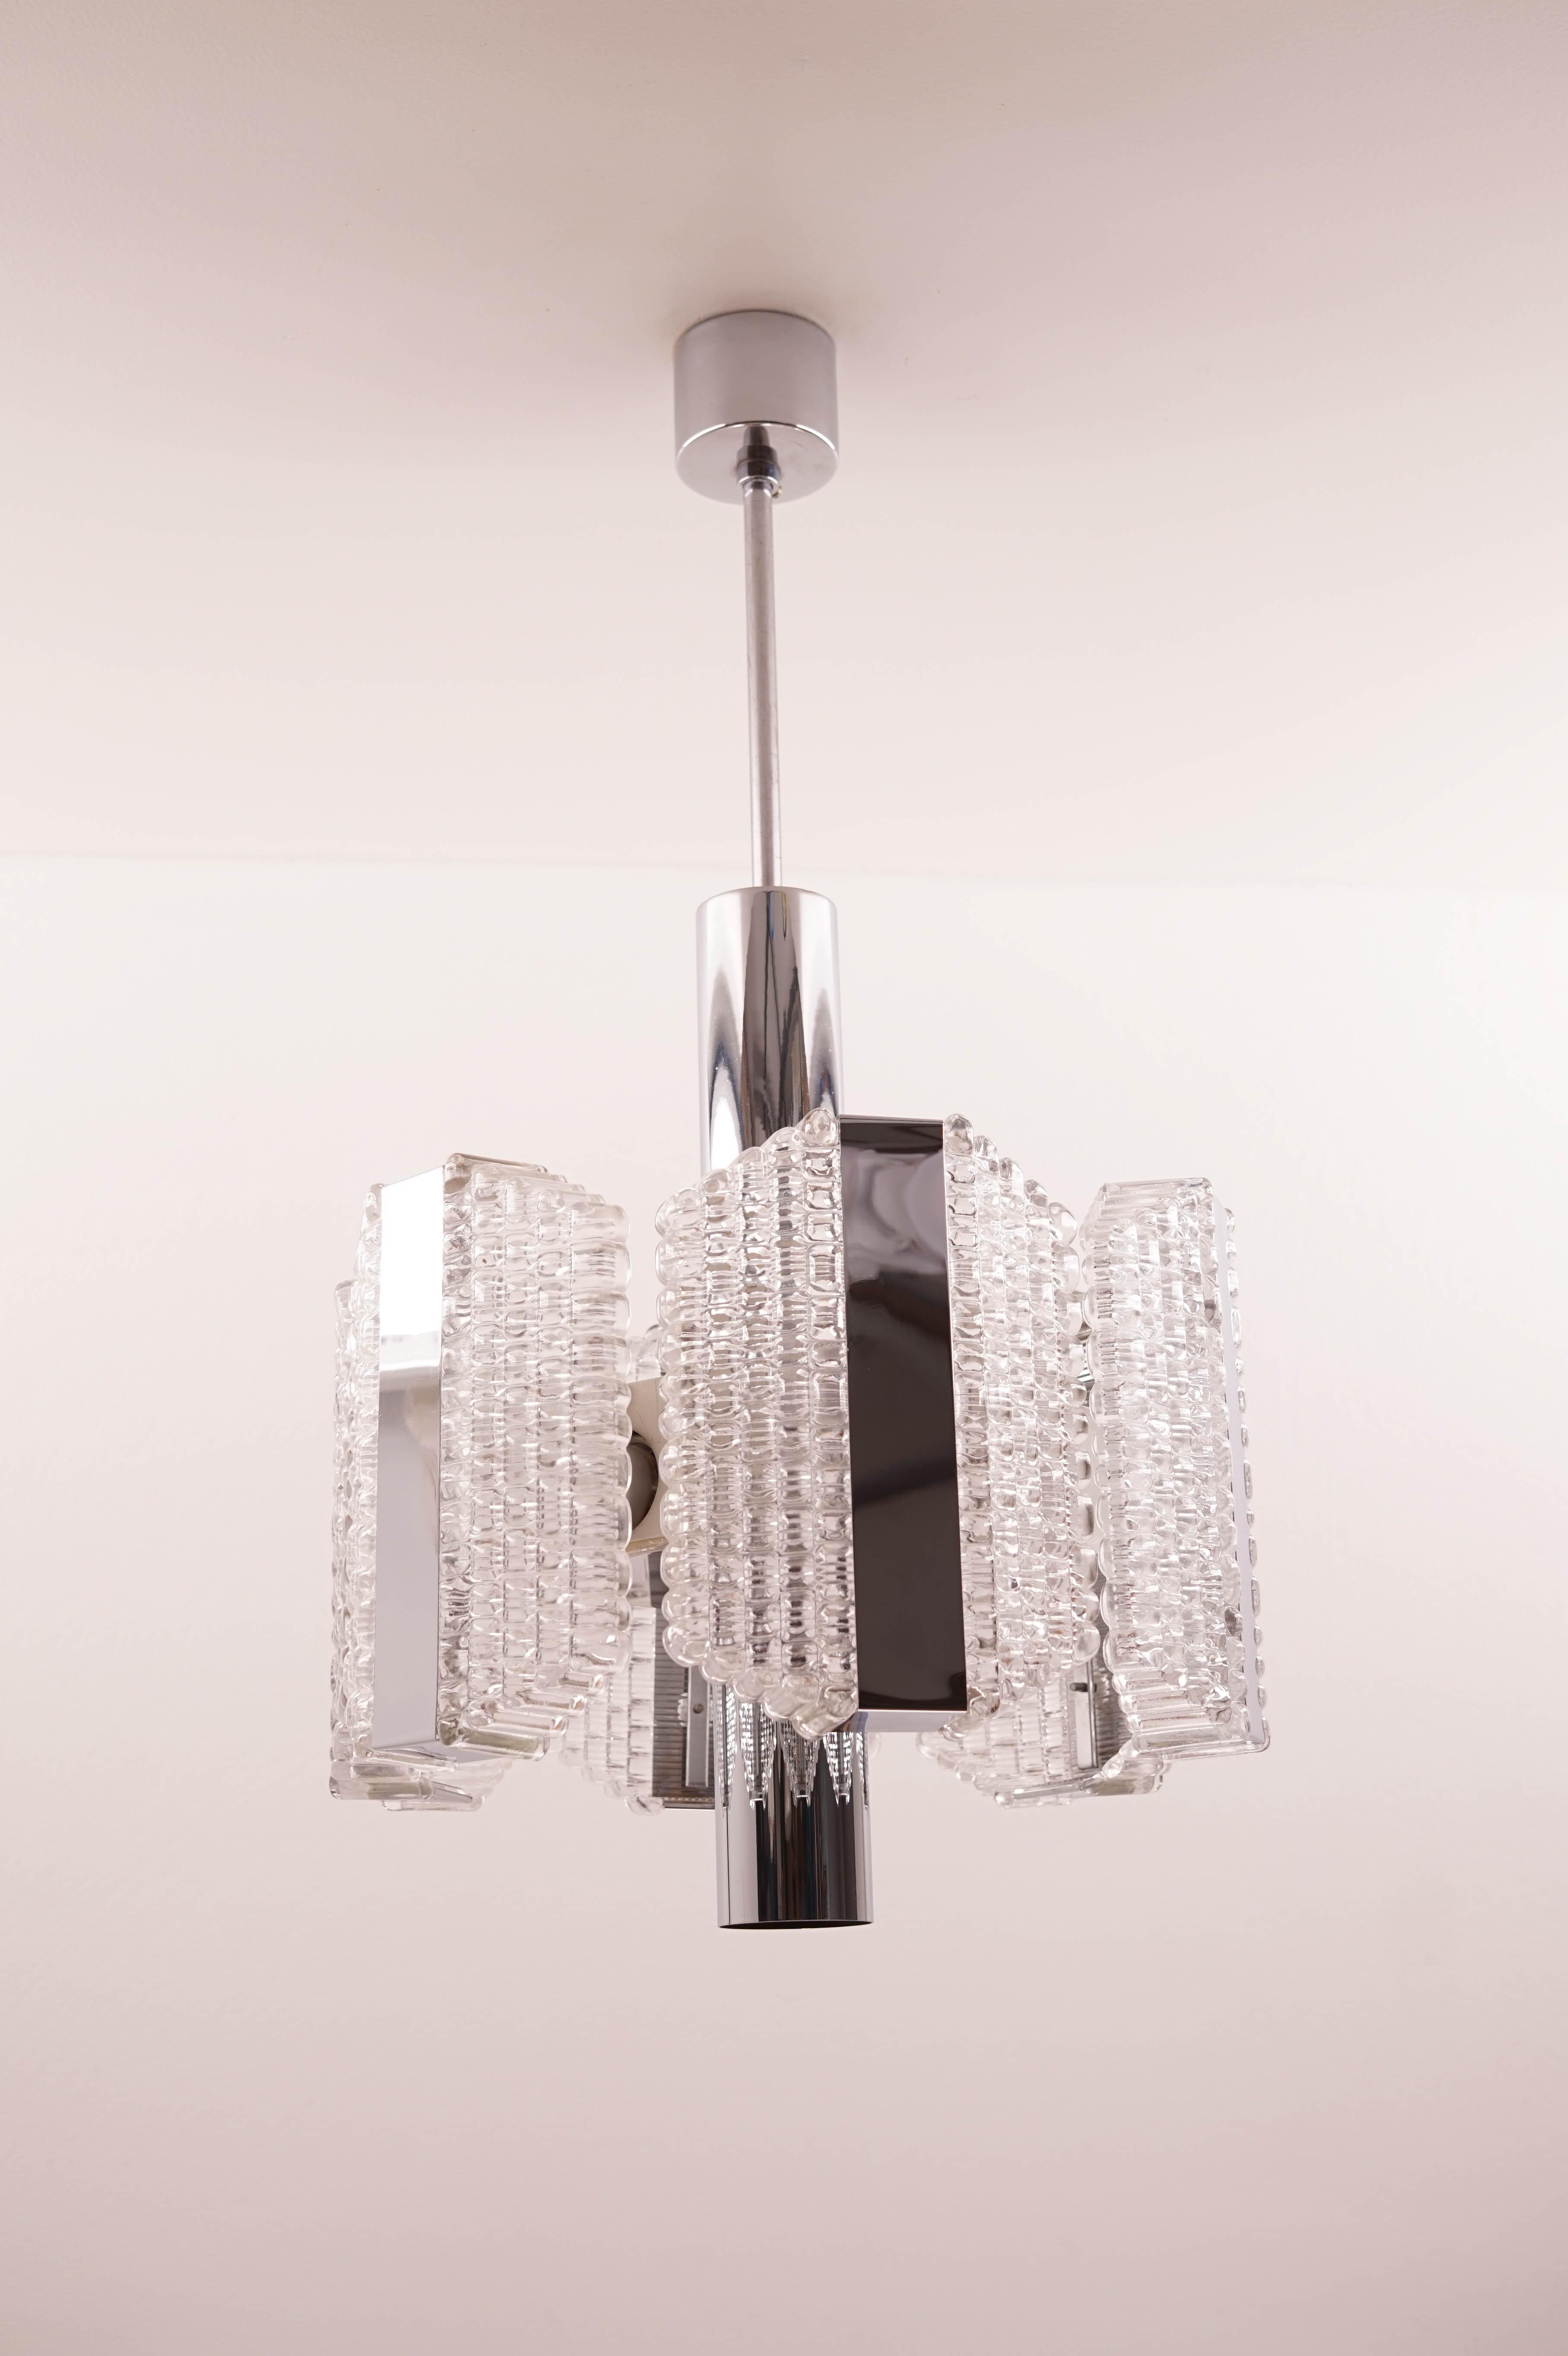 Glass and Brass Ceiling Light Kaiser Leuchten